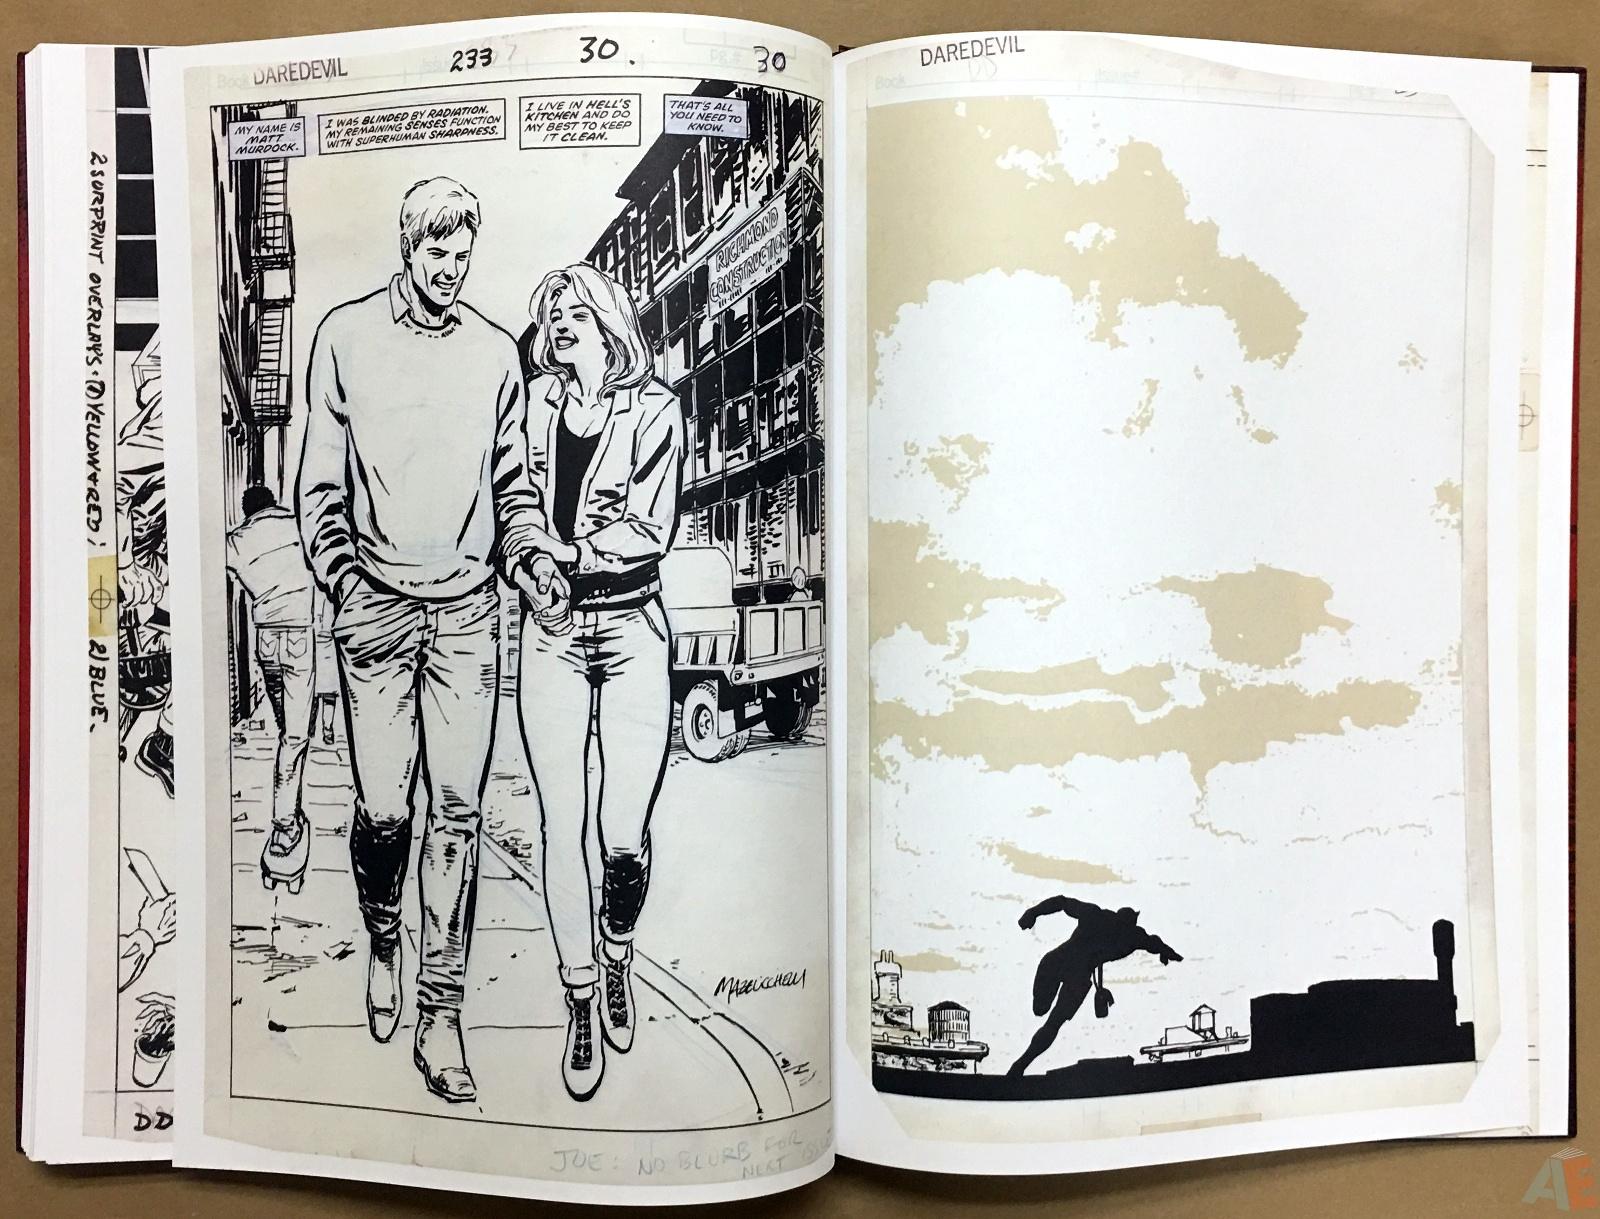 David Mazzucchelli's Daredevil Born Again: Artist's Edition 48